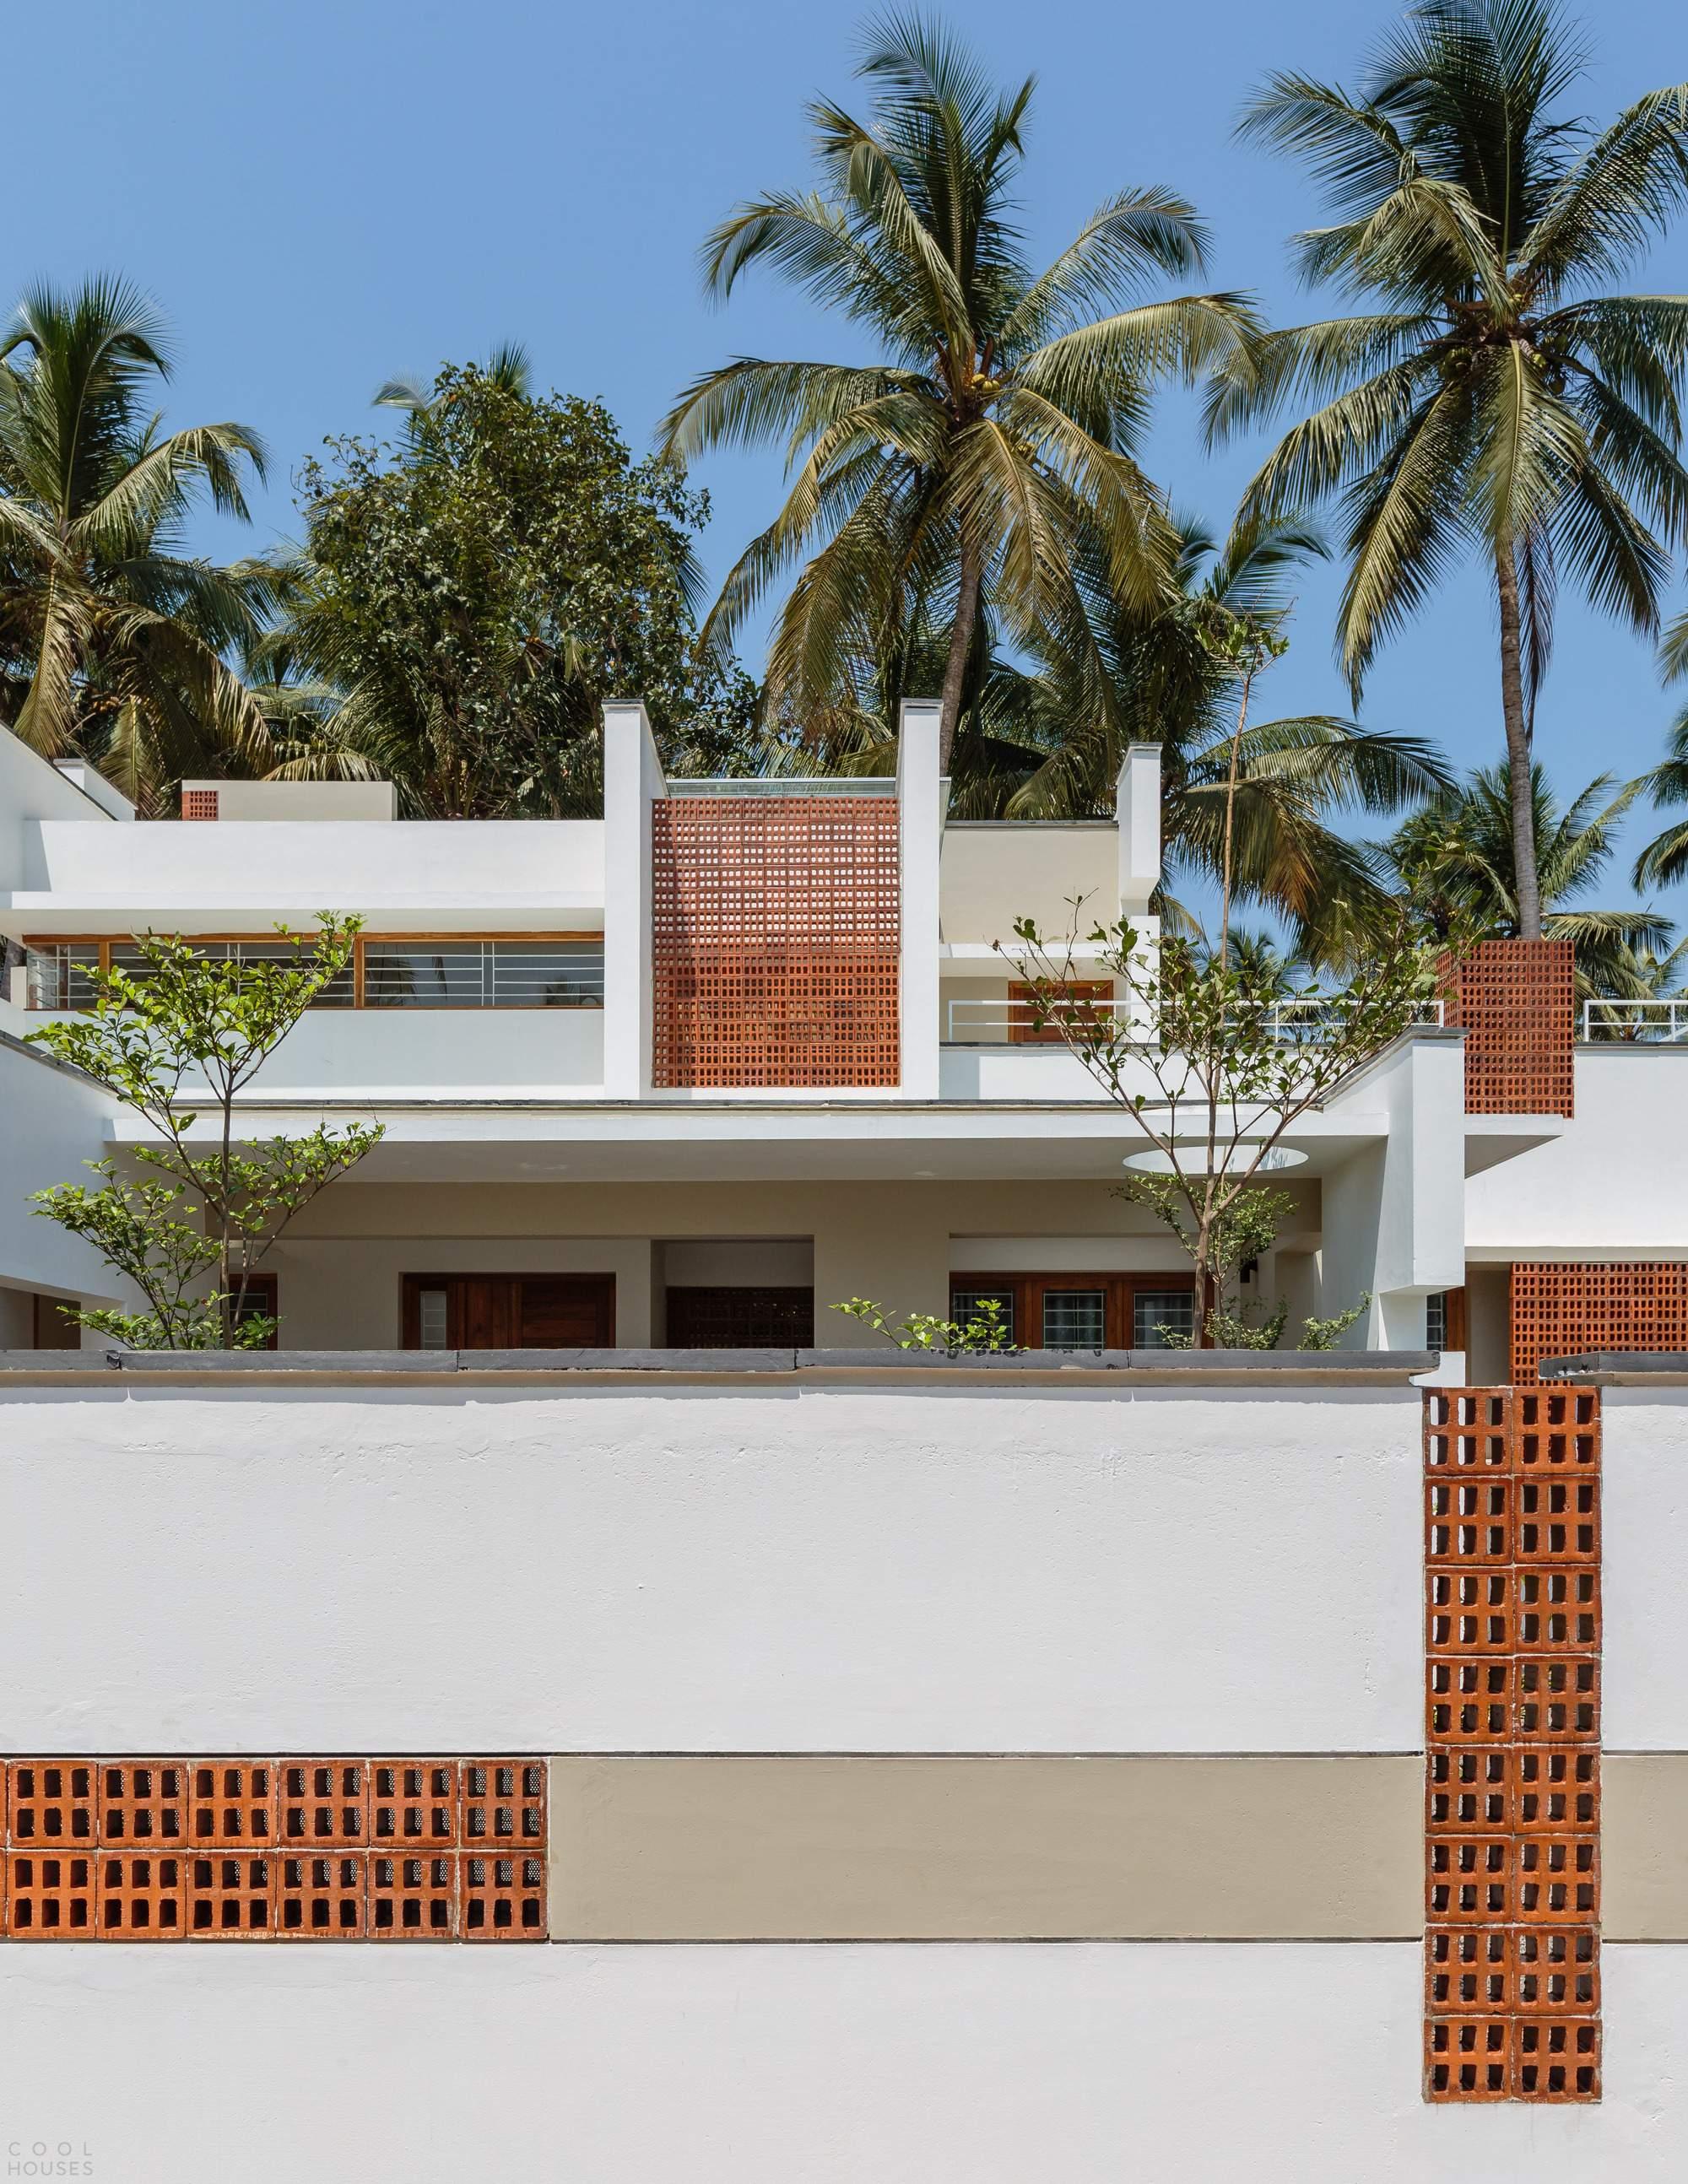 Резиденция, демонстрирующая игру архитектурных объемов, Индия